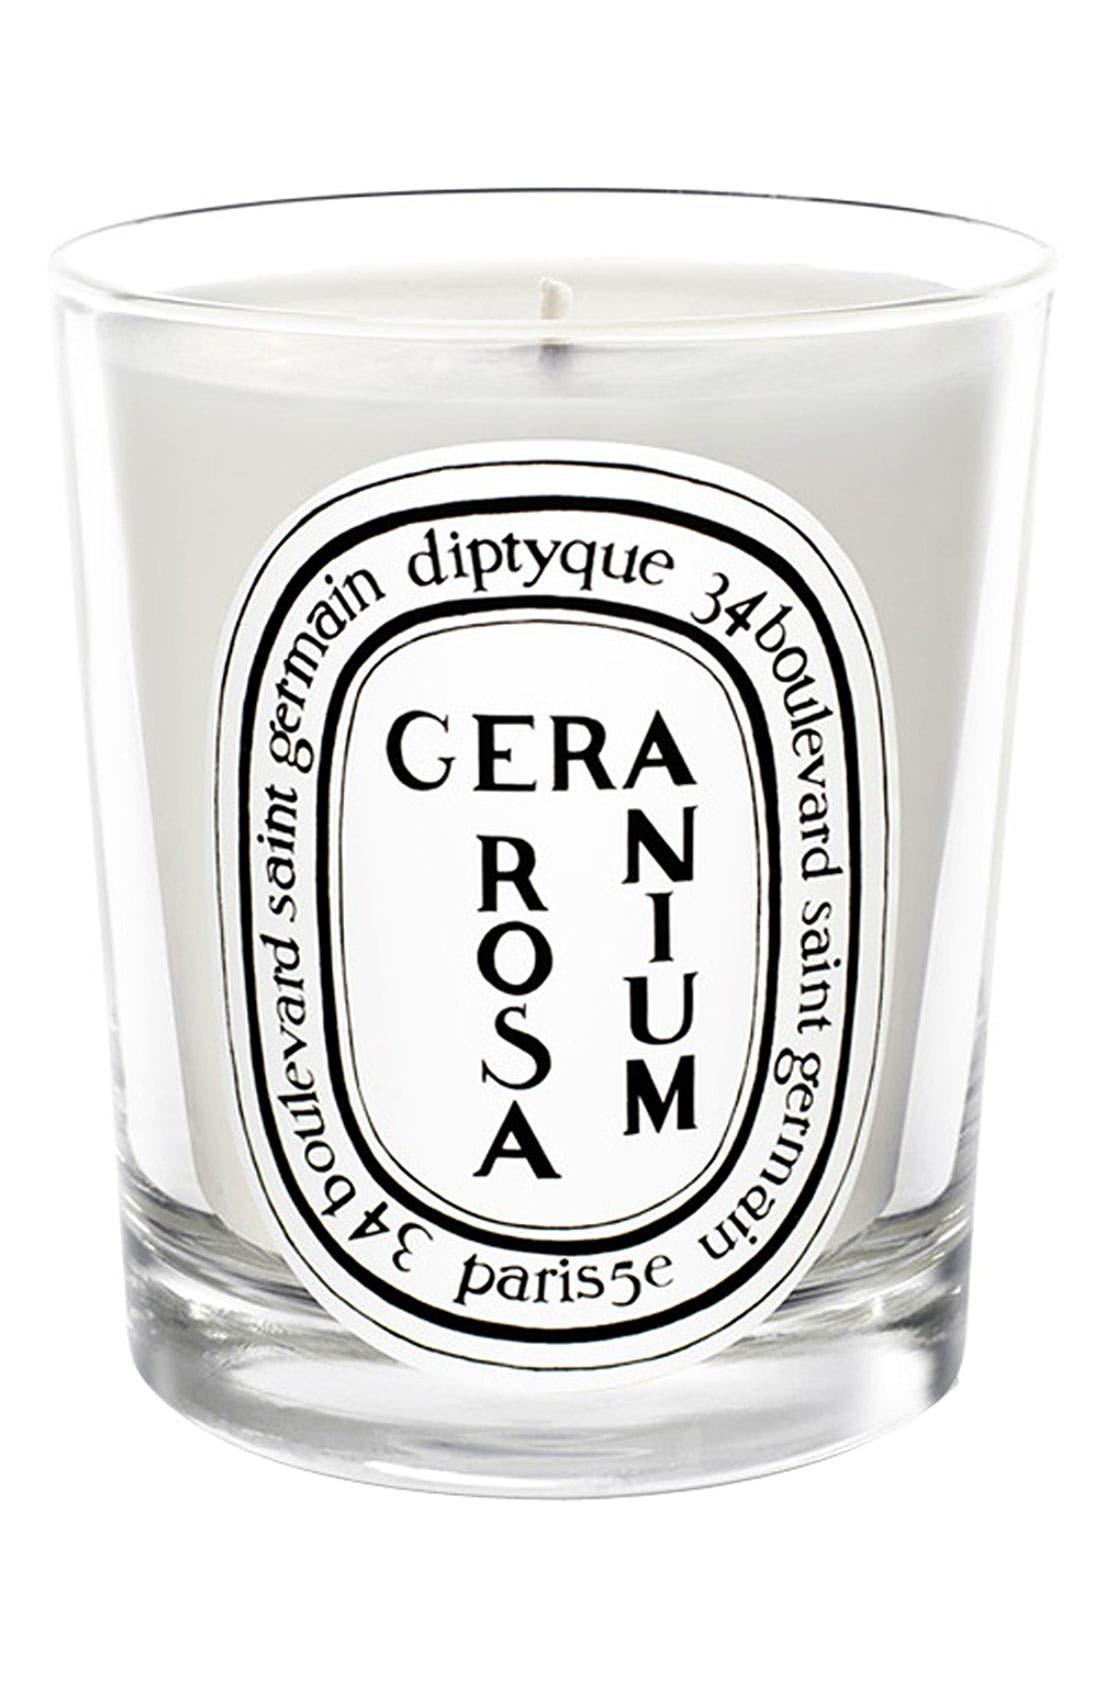 Geranium Rosa/Rose Geranium Scented Candle,                         Main,                         color, 000